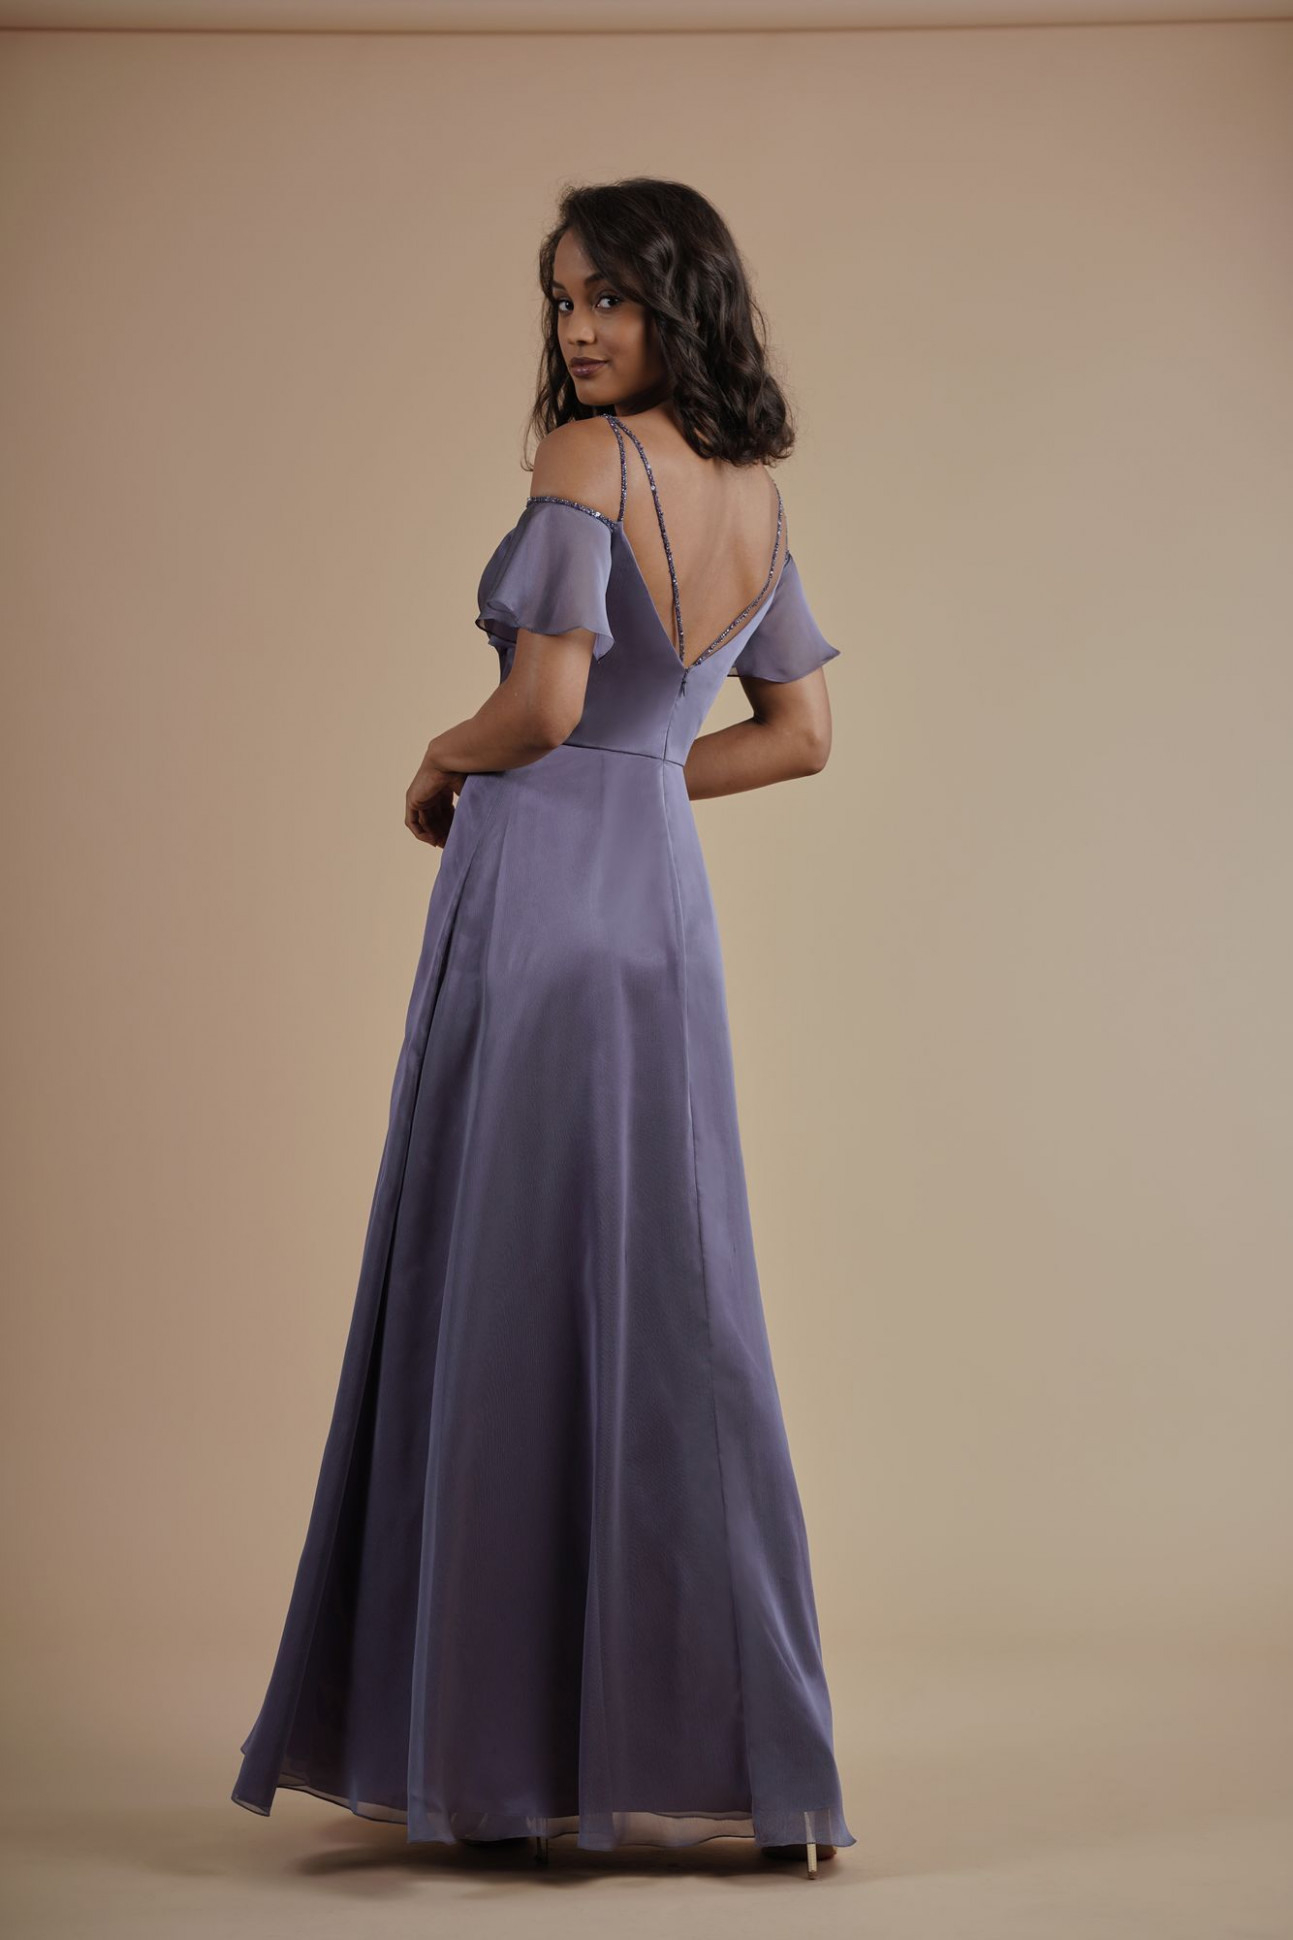 Cool Reduzierte Abendkleider Stylish13 Genial Reduzierte Abendkleider Bester Preis